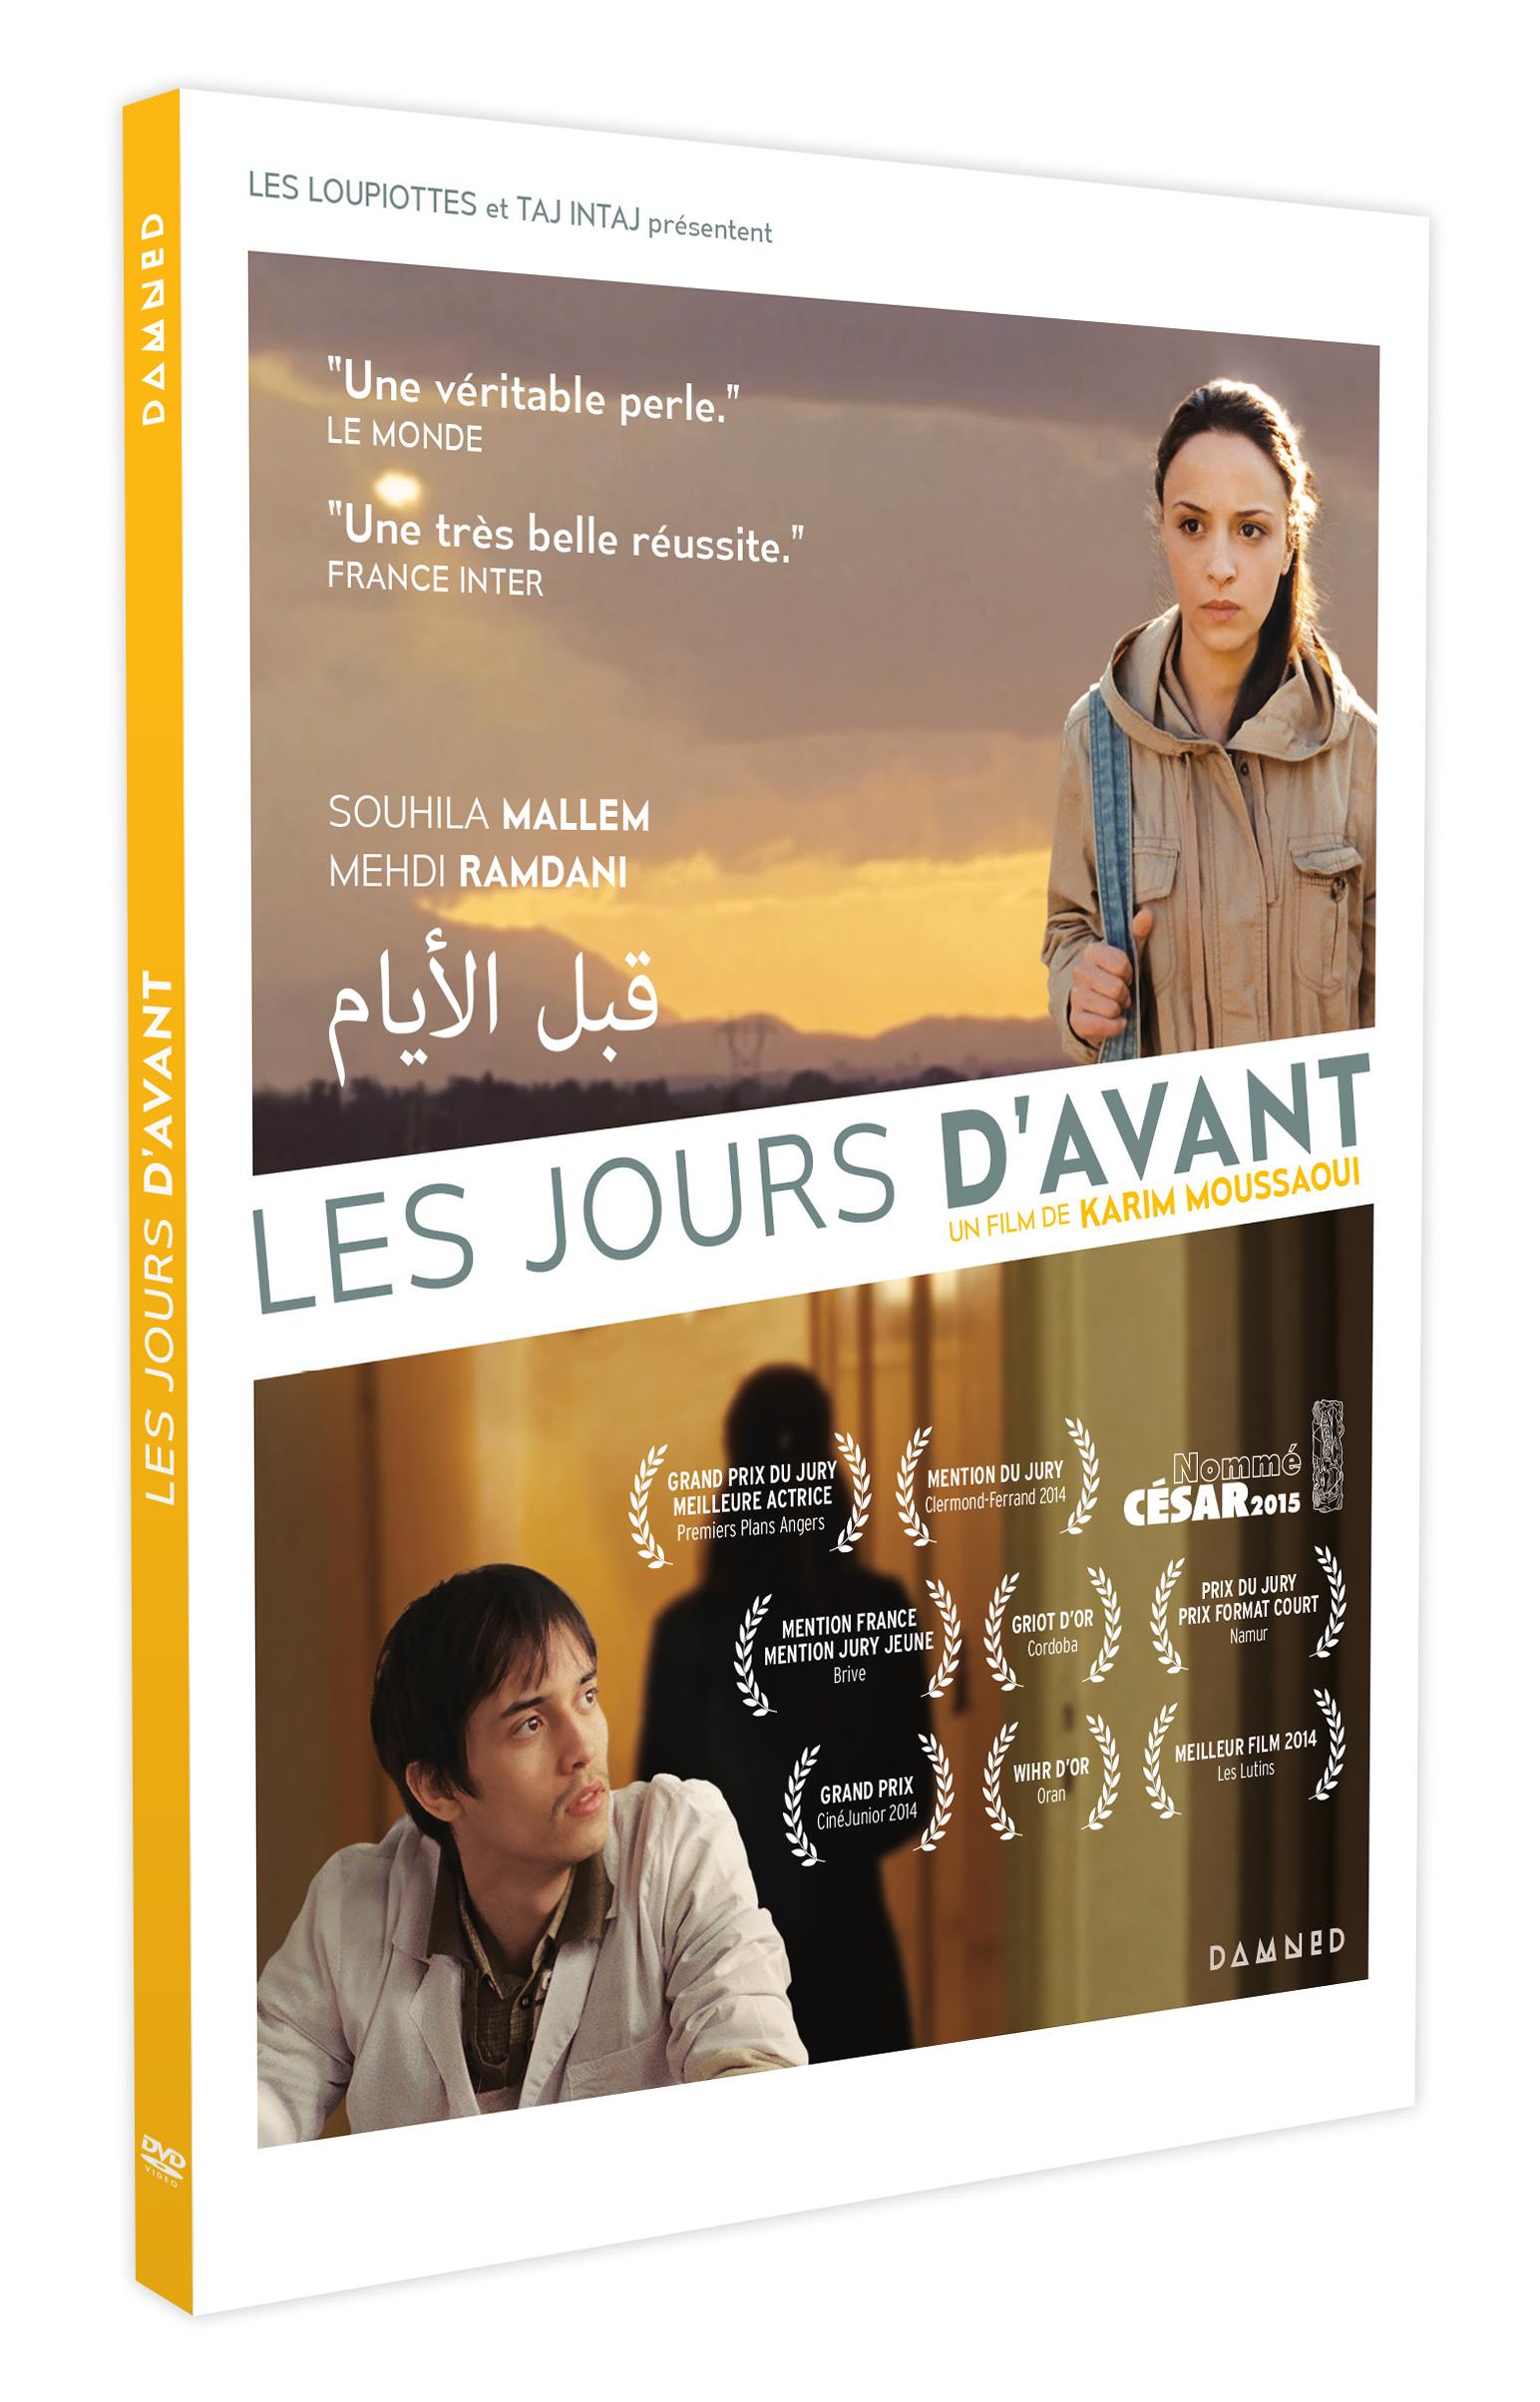 jda_icone_dvd (1).jpg